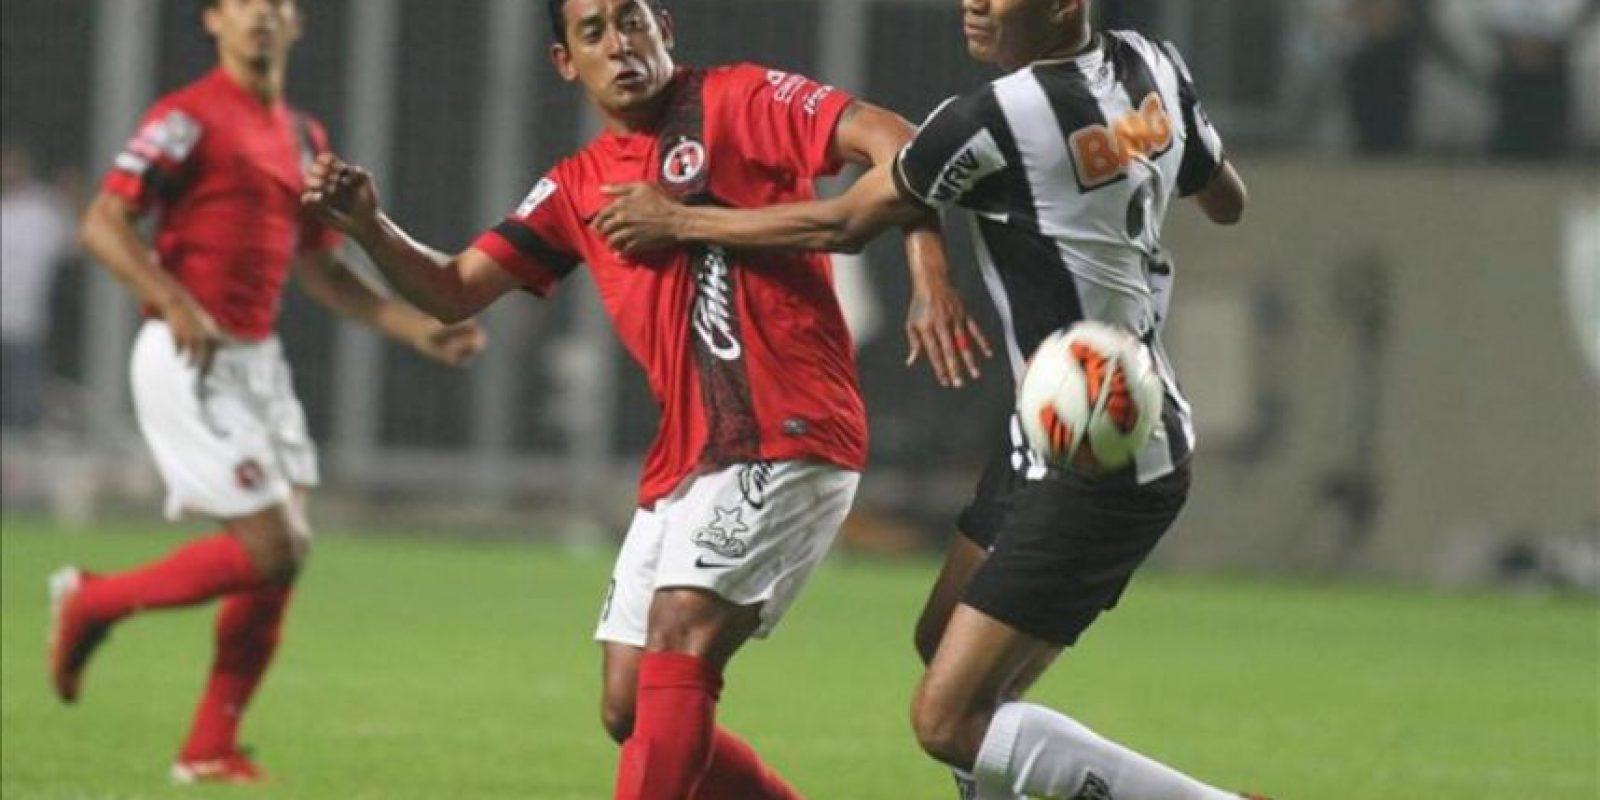 Alfredo Moreno (i) de Tijuana ante Leonardo Silva (d) de Atlético Mineiro durante el partido de vuelta de los cuartos de final de la Copa Libertadores en el estadio Independencia de Belo Horizonte, Minas Gerais (Brasil). EFE